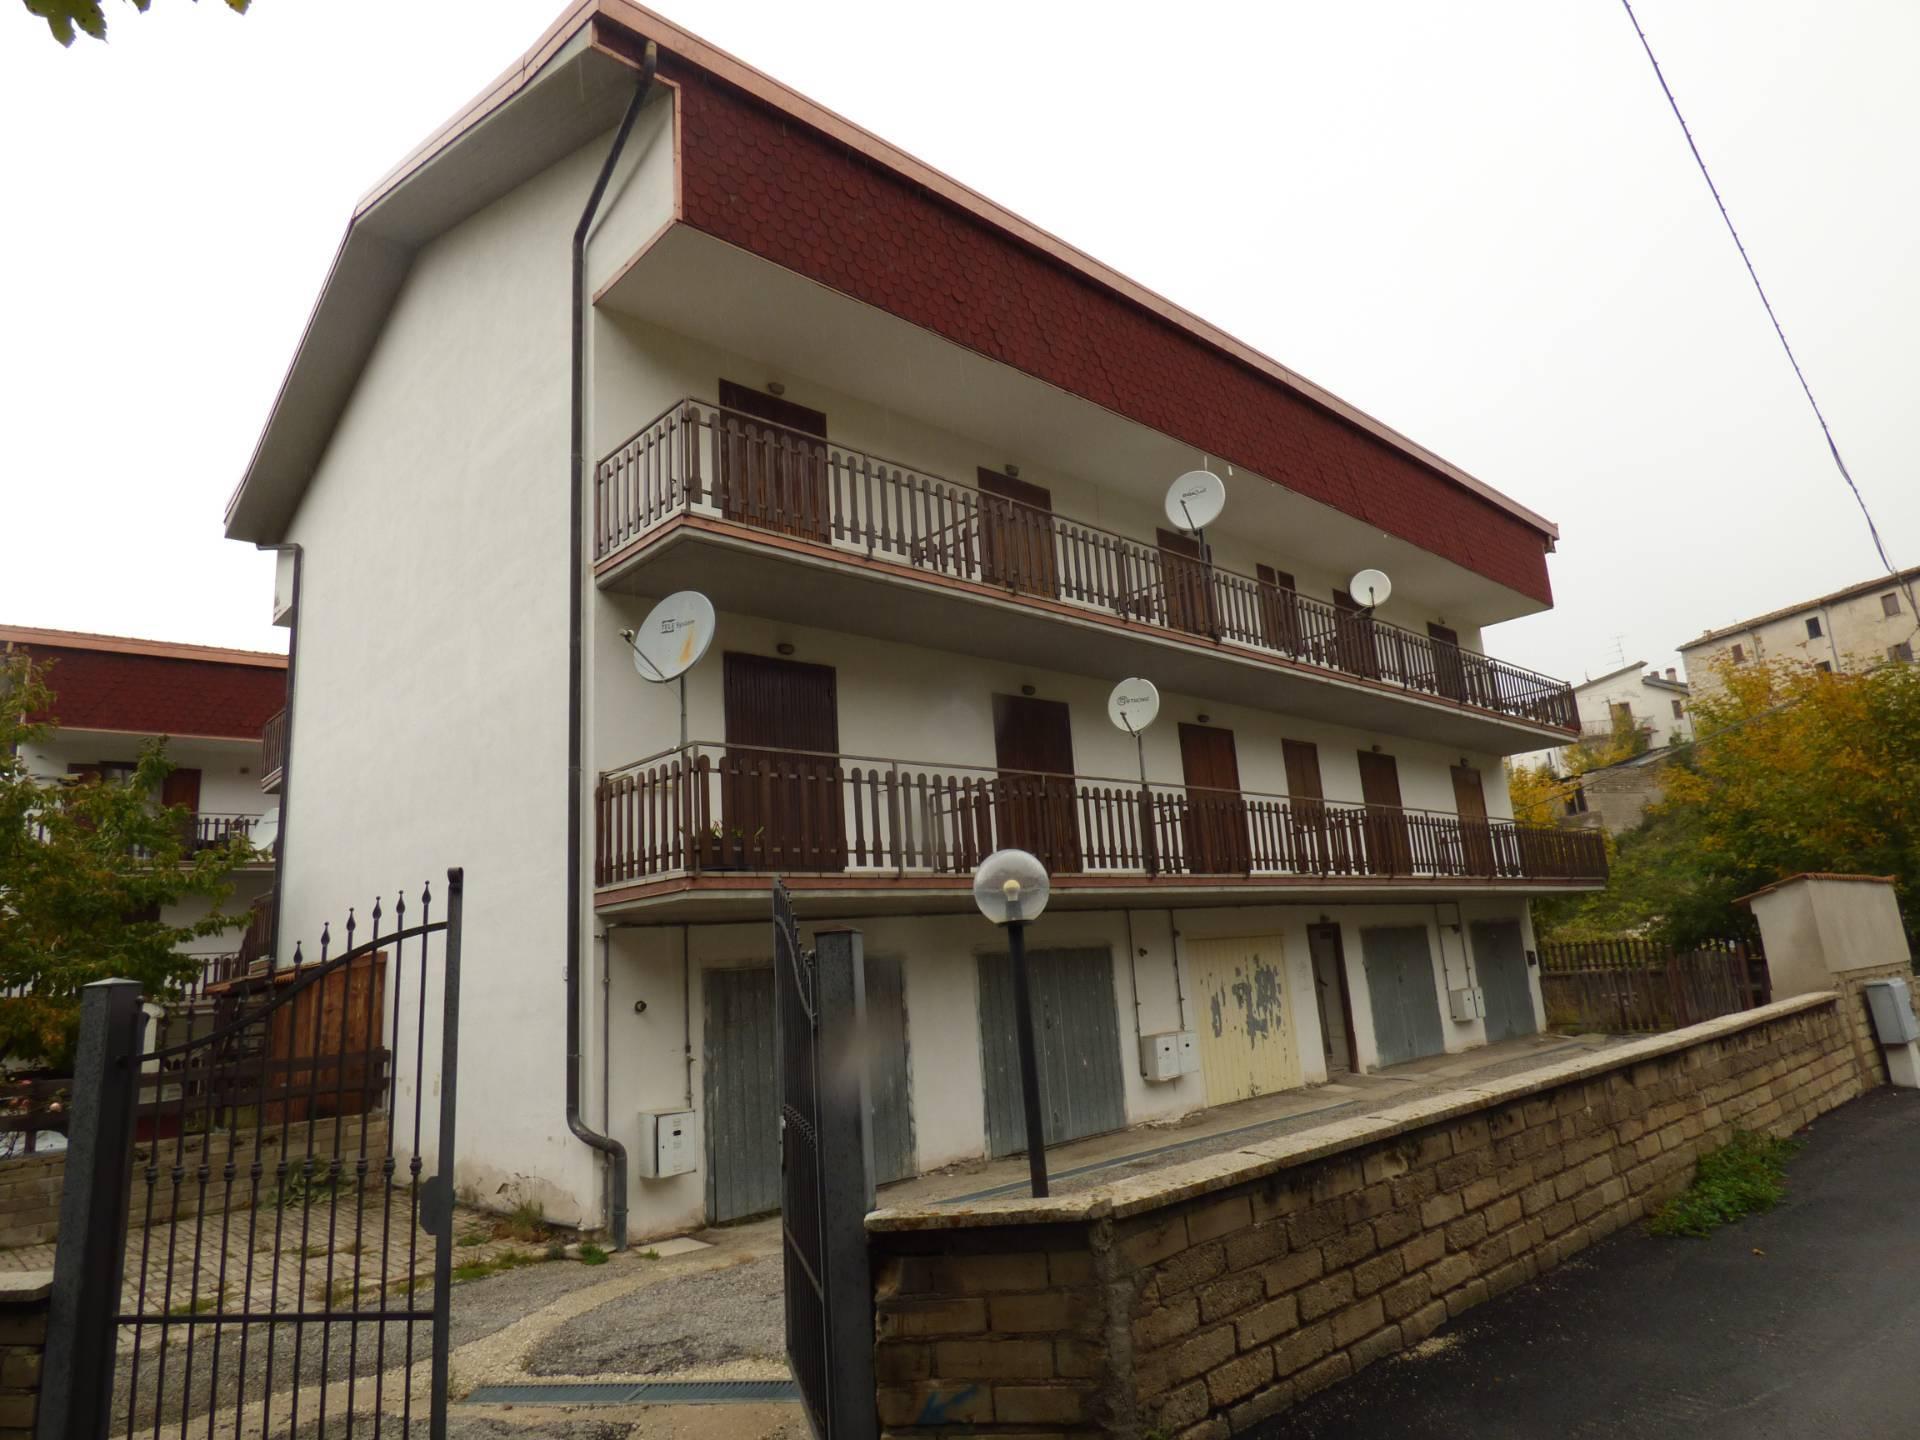 Appartamento in vendita a Lucoli, 4 locali, zona Zona: Casamaina, prezzo € 40.000 | CambioCasa.it